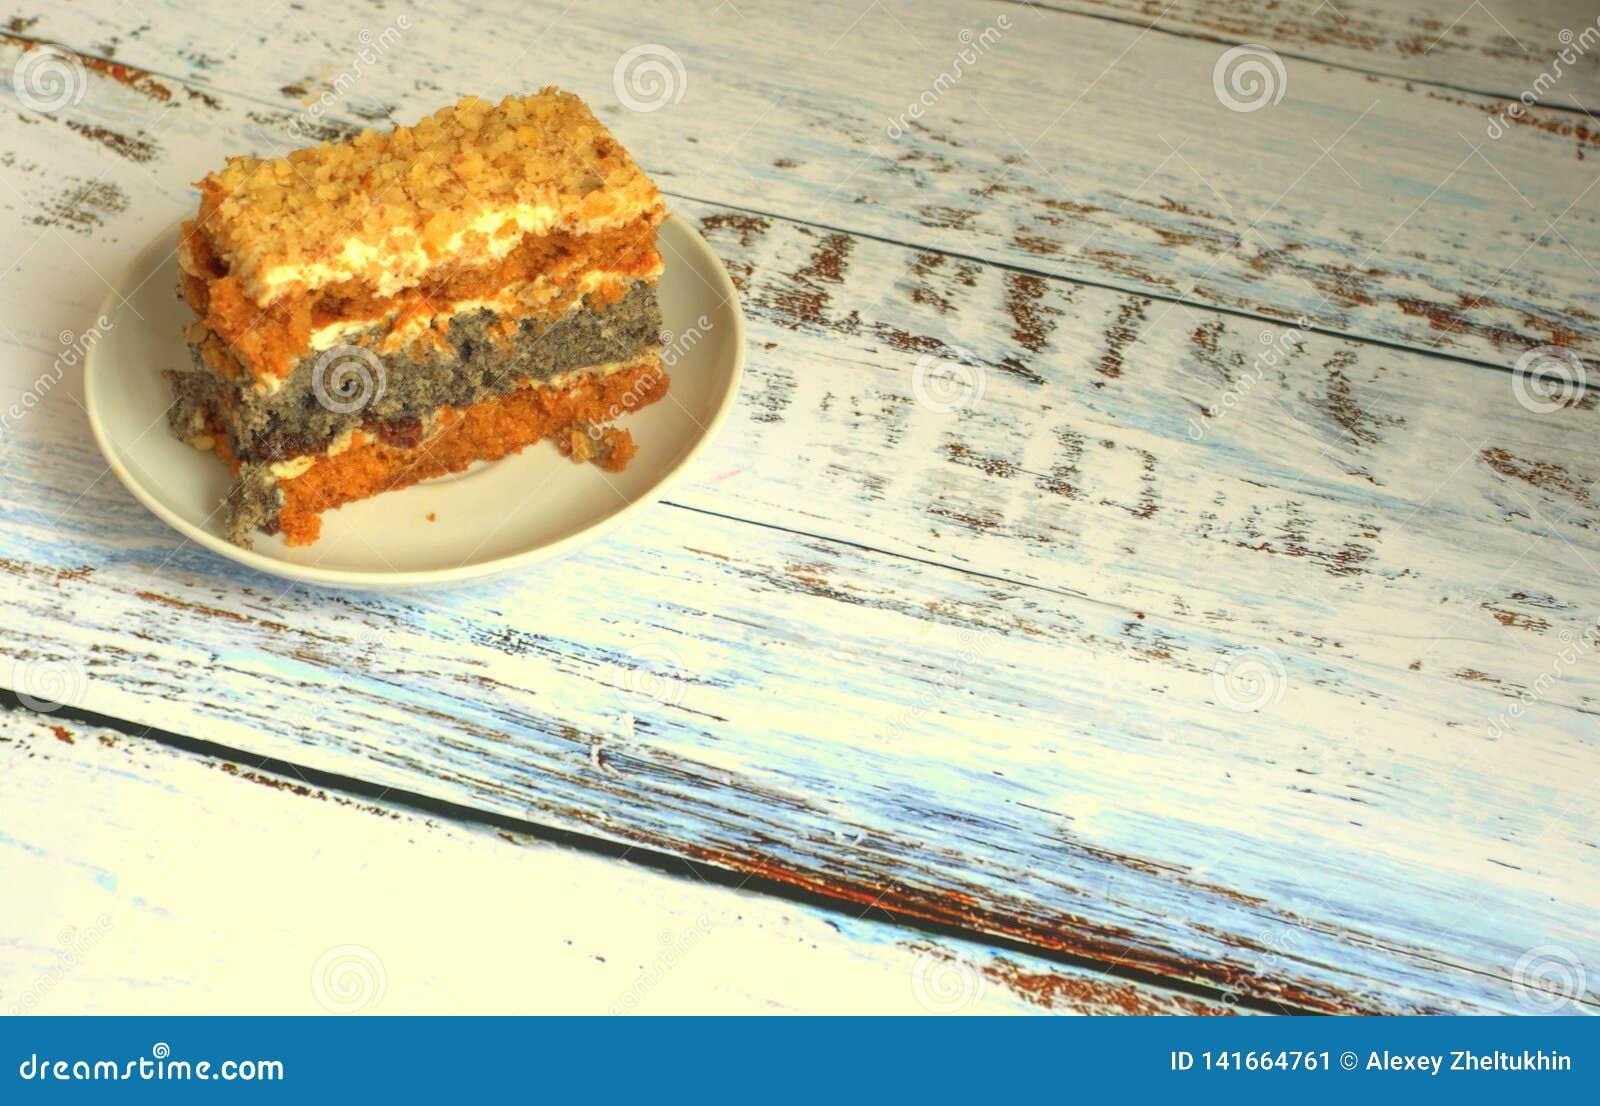 Sockerkakan med vallmofrön på en platta ligger på en trätabell